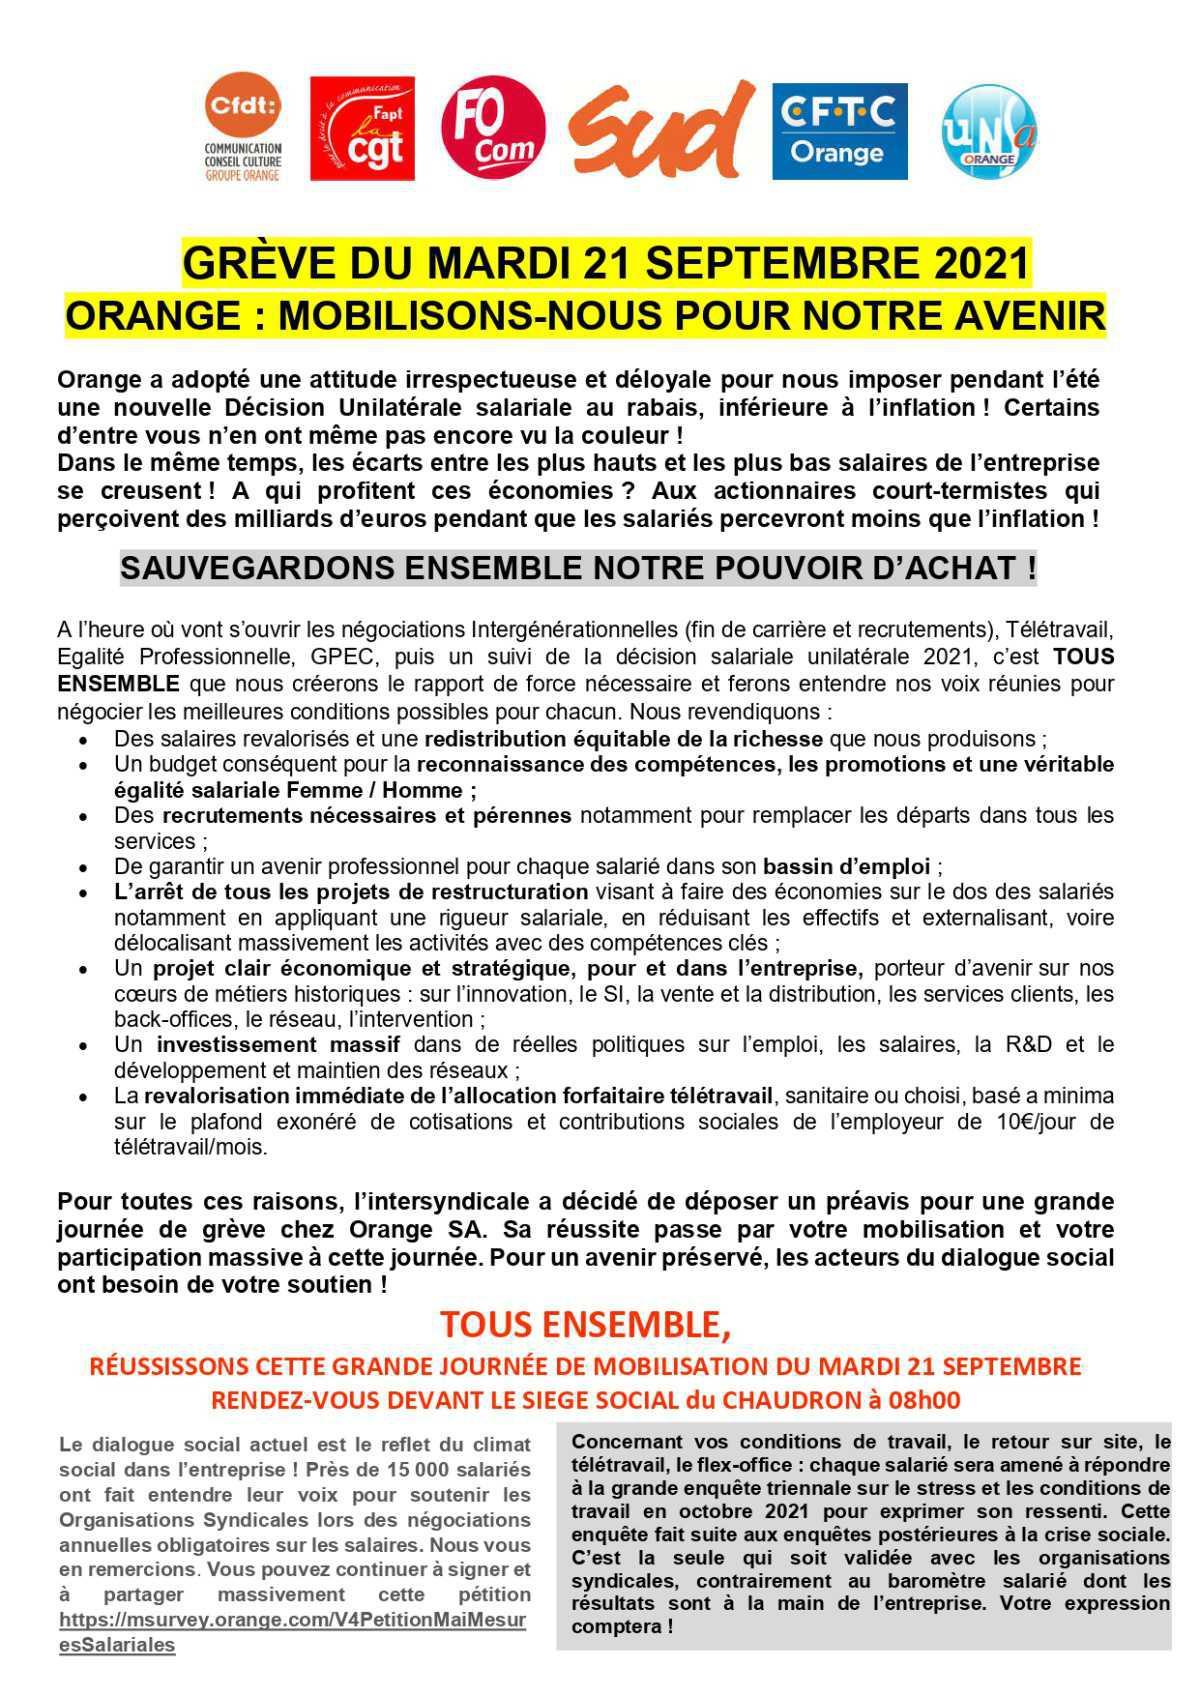 🚨[APPEL A LA GREVE]🚨 ON COMPTE SUR VOUS dès 8h mardi 21 septembre devant le siège au CHAUDRON